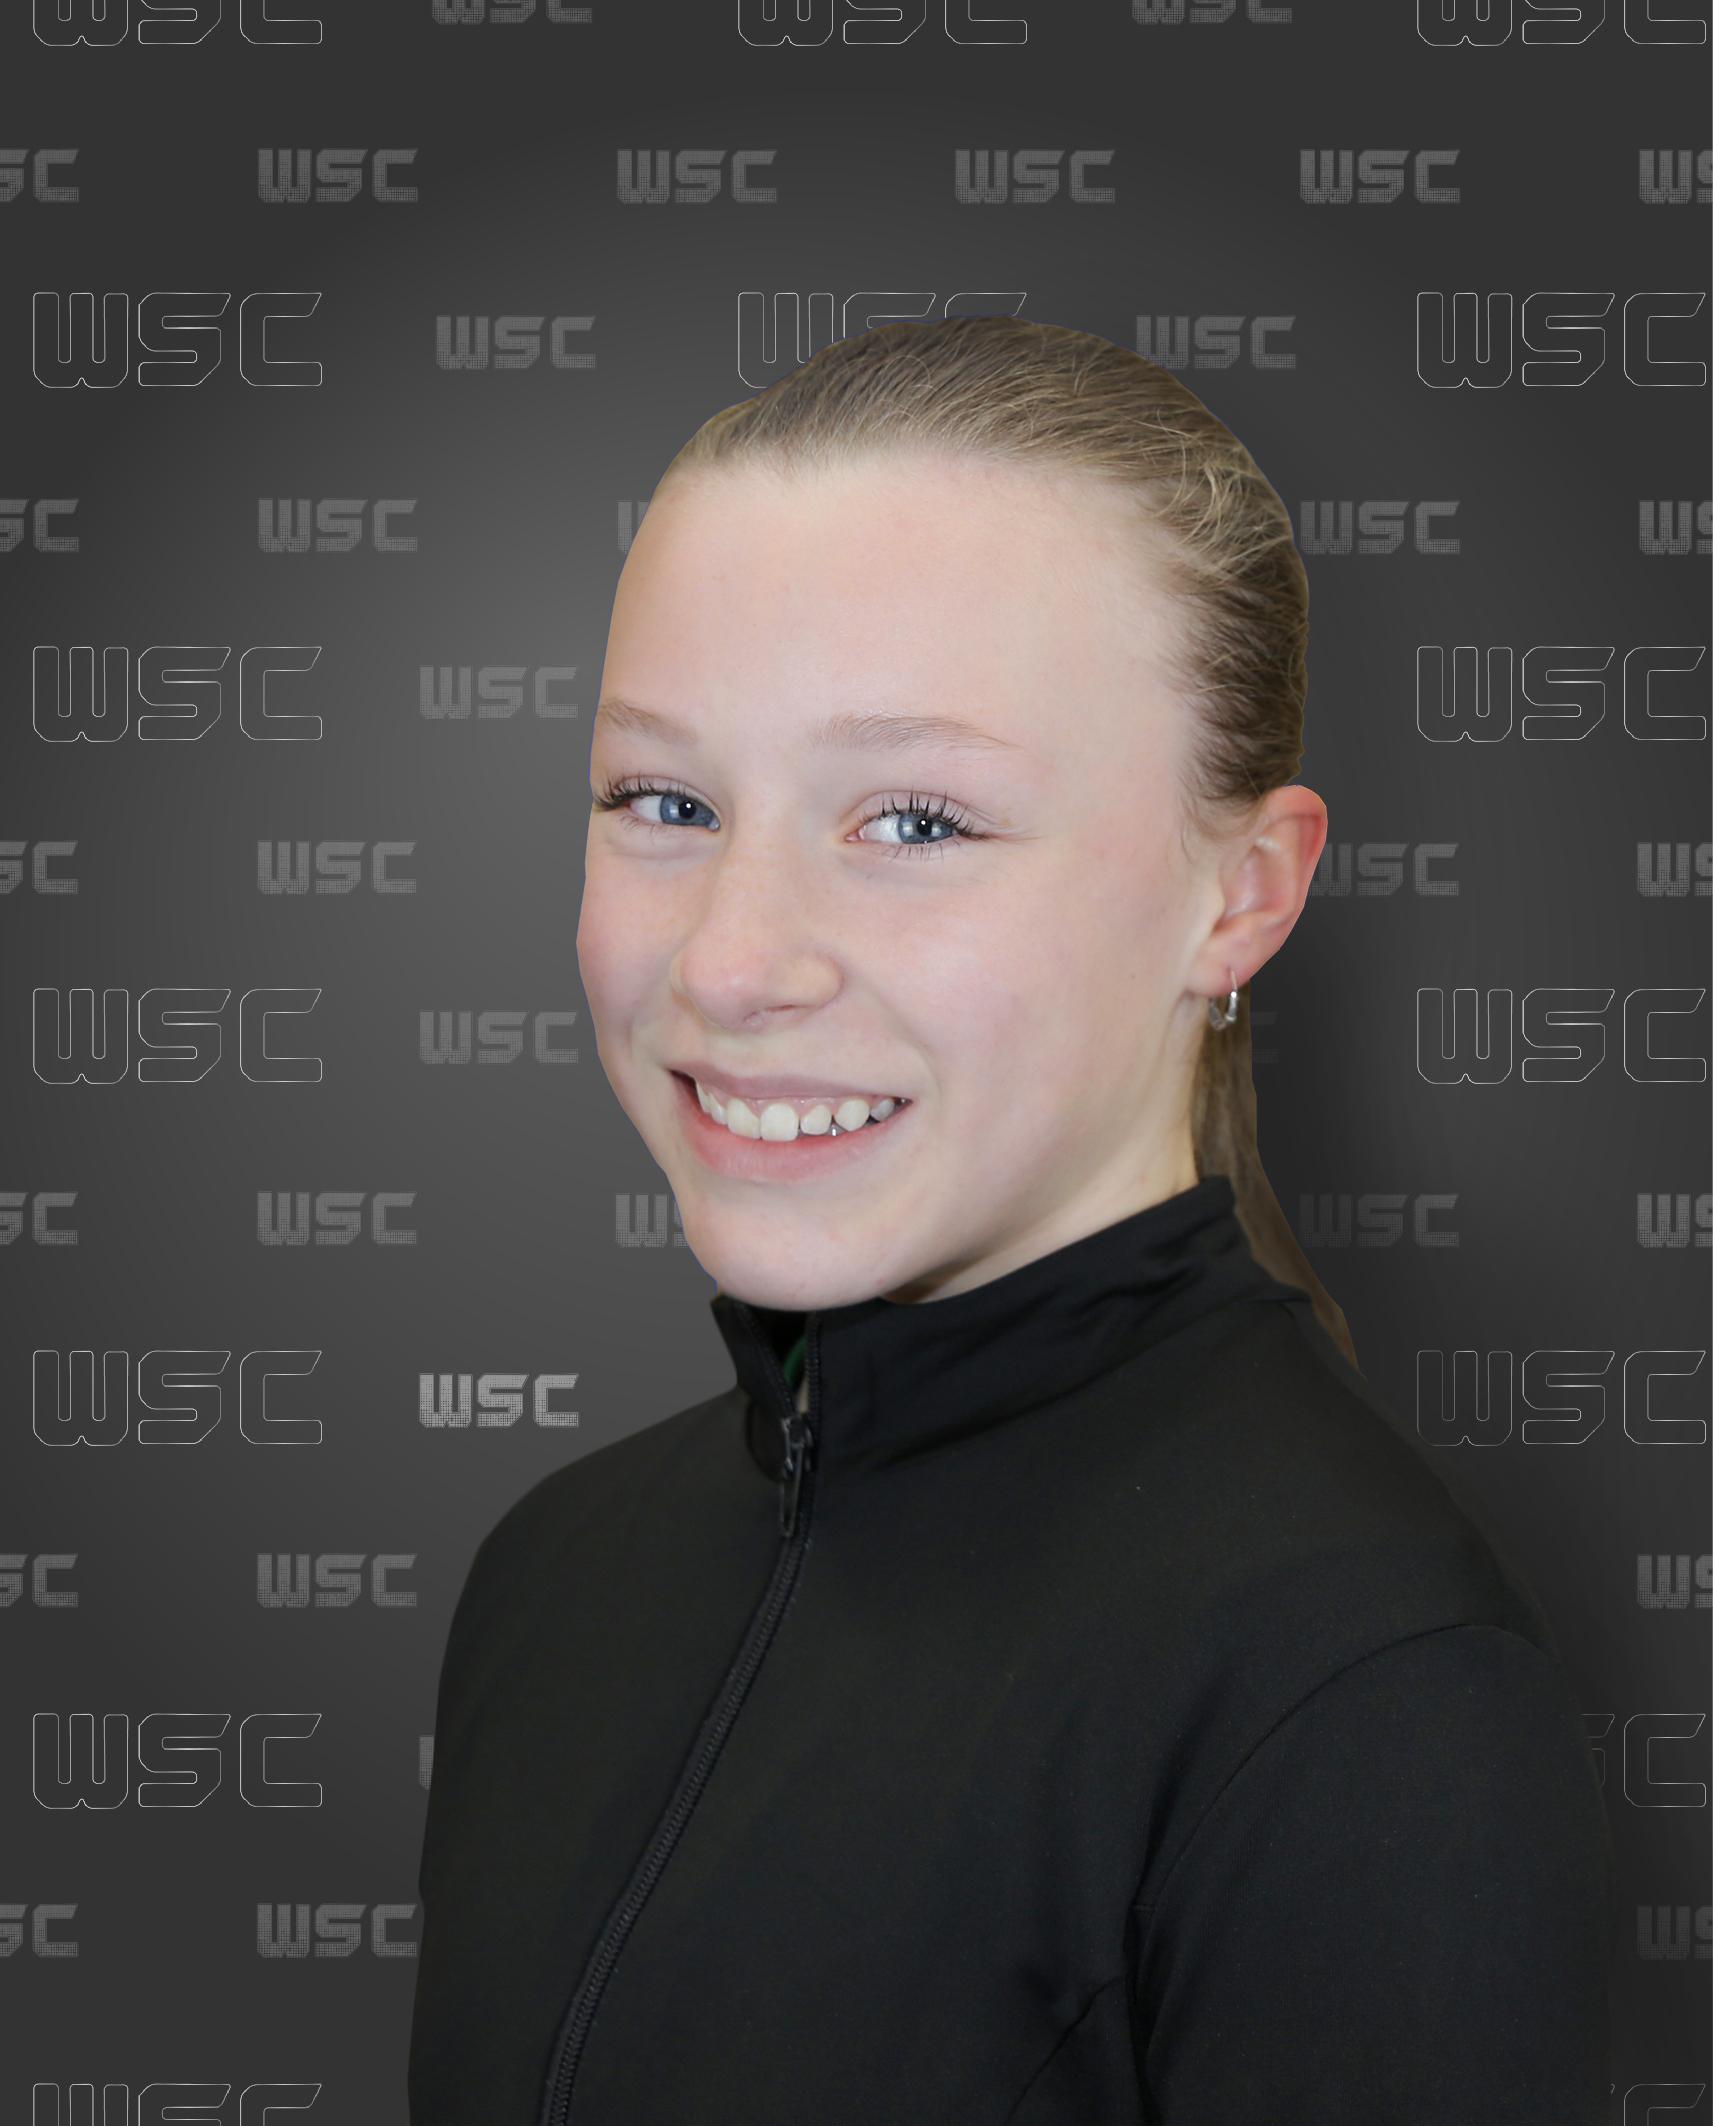 WSC Coaching Staff: Julia Kastenberg